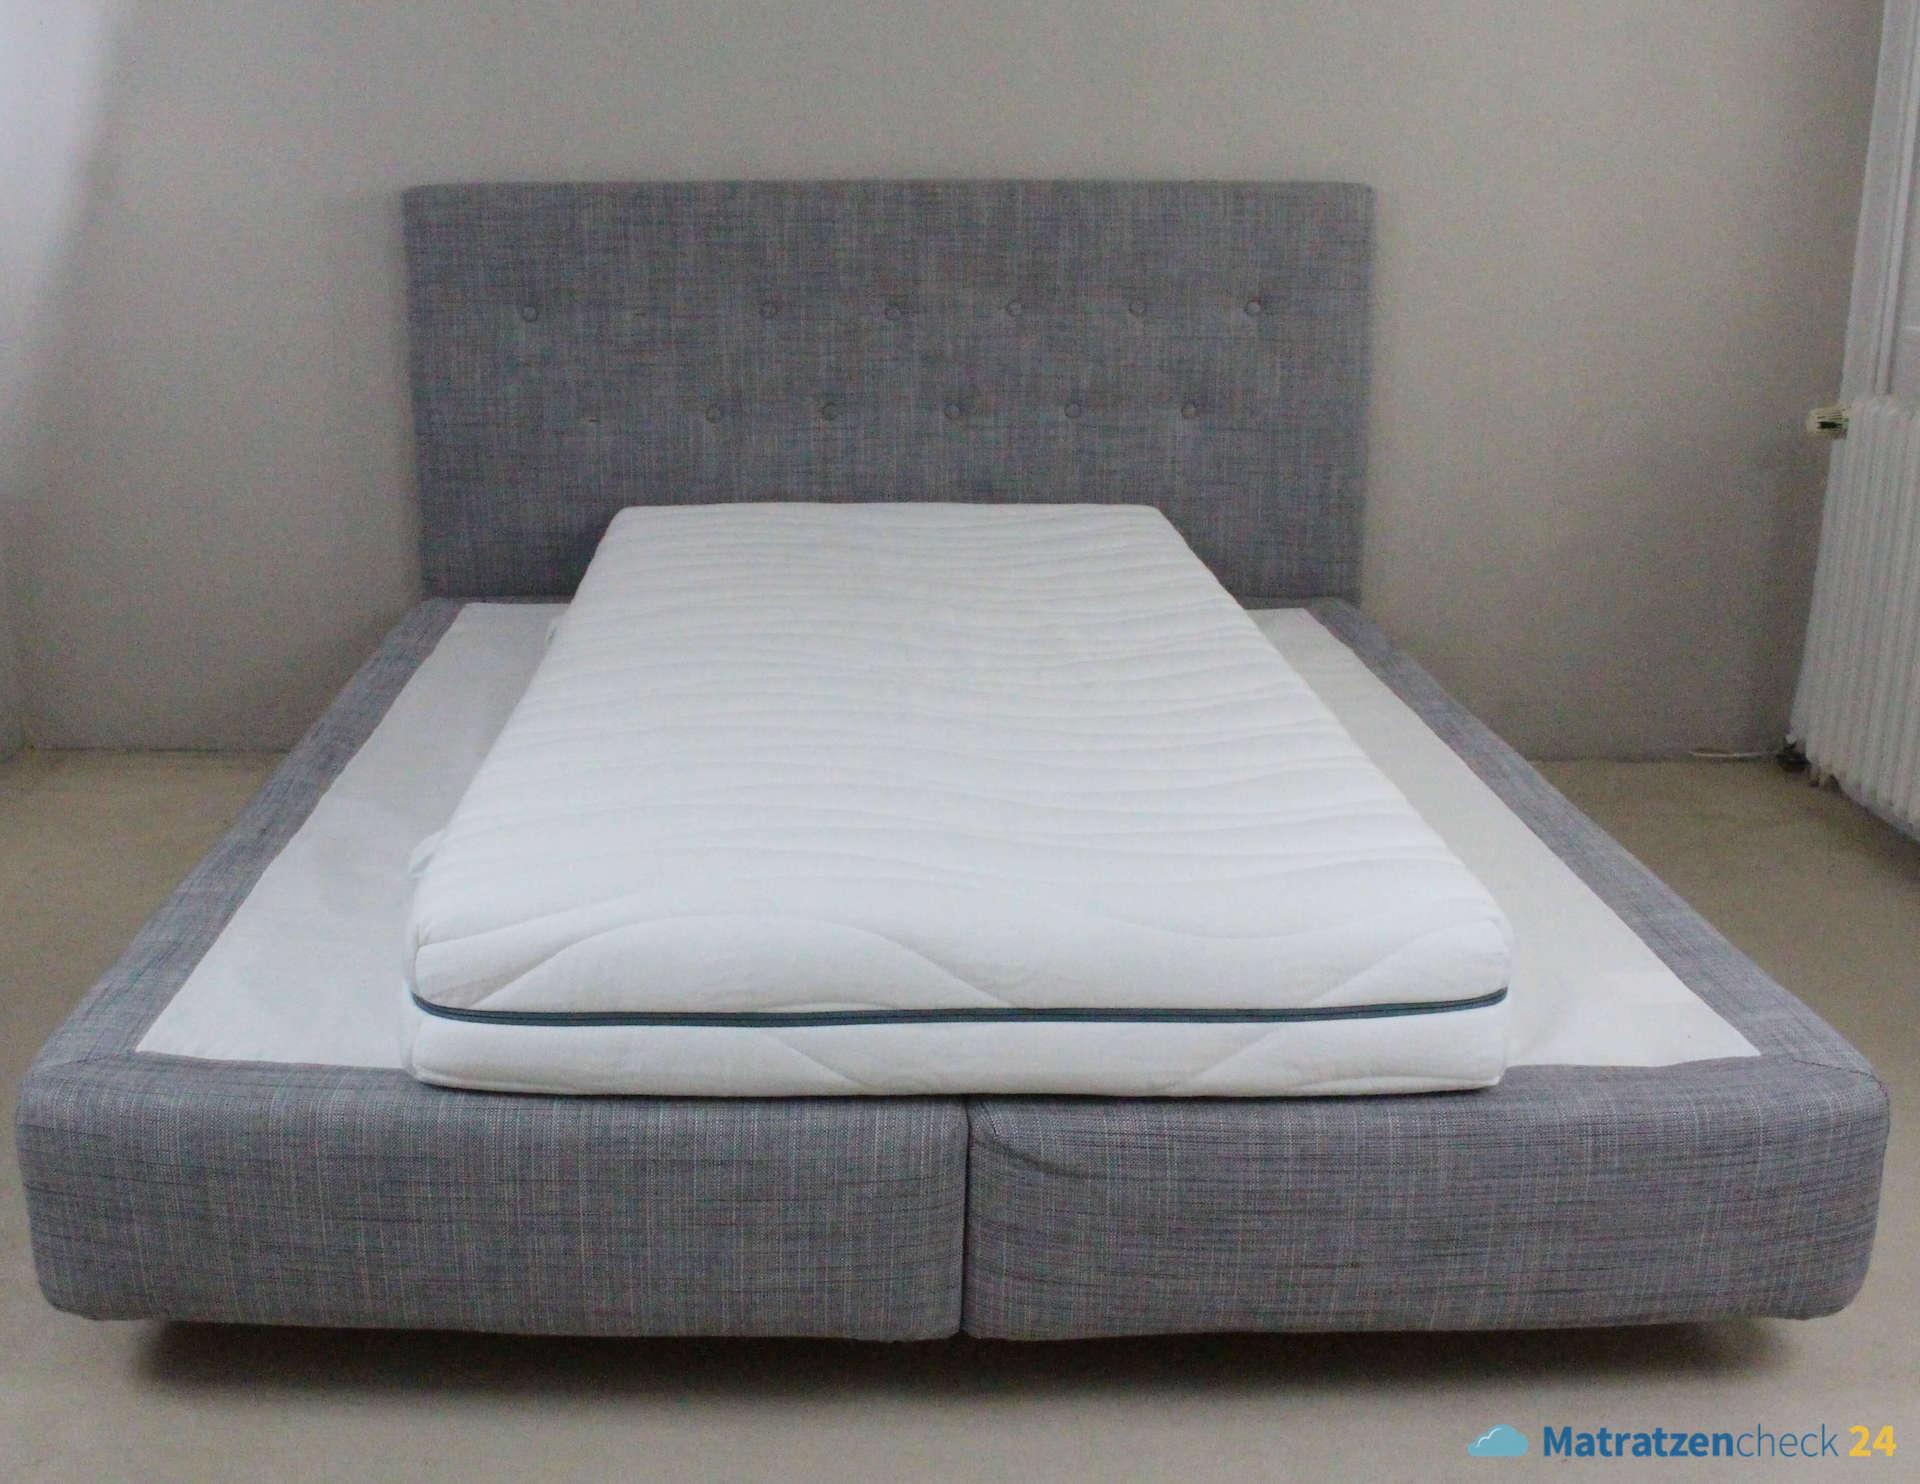 Full Size of Bett 80x200 Gute Und Gnstige Matratzen Aktuell Besten Modelle 2020 120 Günstig Betten Kaufen 160x200 Mit Lattenrost Amerikanische Bettkasten 140x200 Bett Bett 80x200